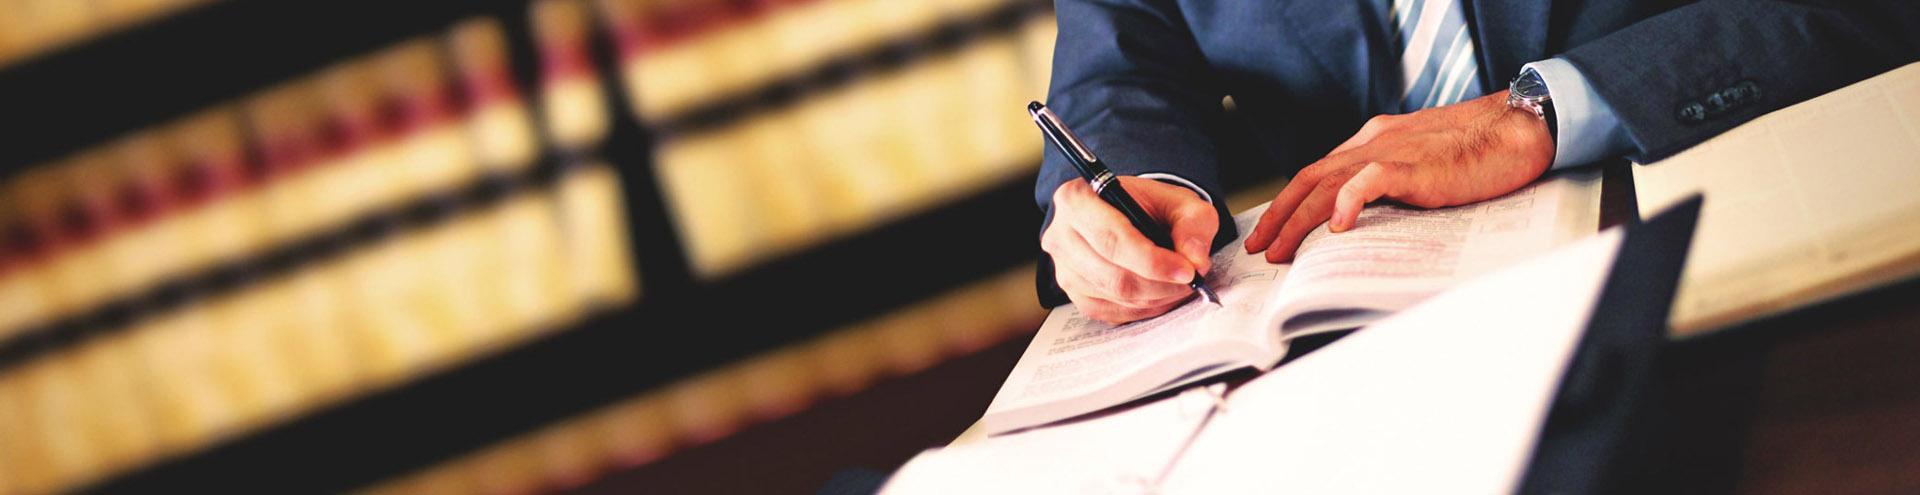 Адвокат по административным делам в Чебоксарах и Чувашской Республике